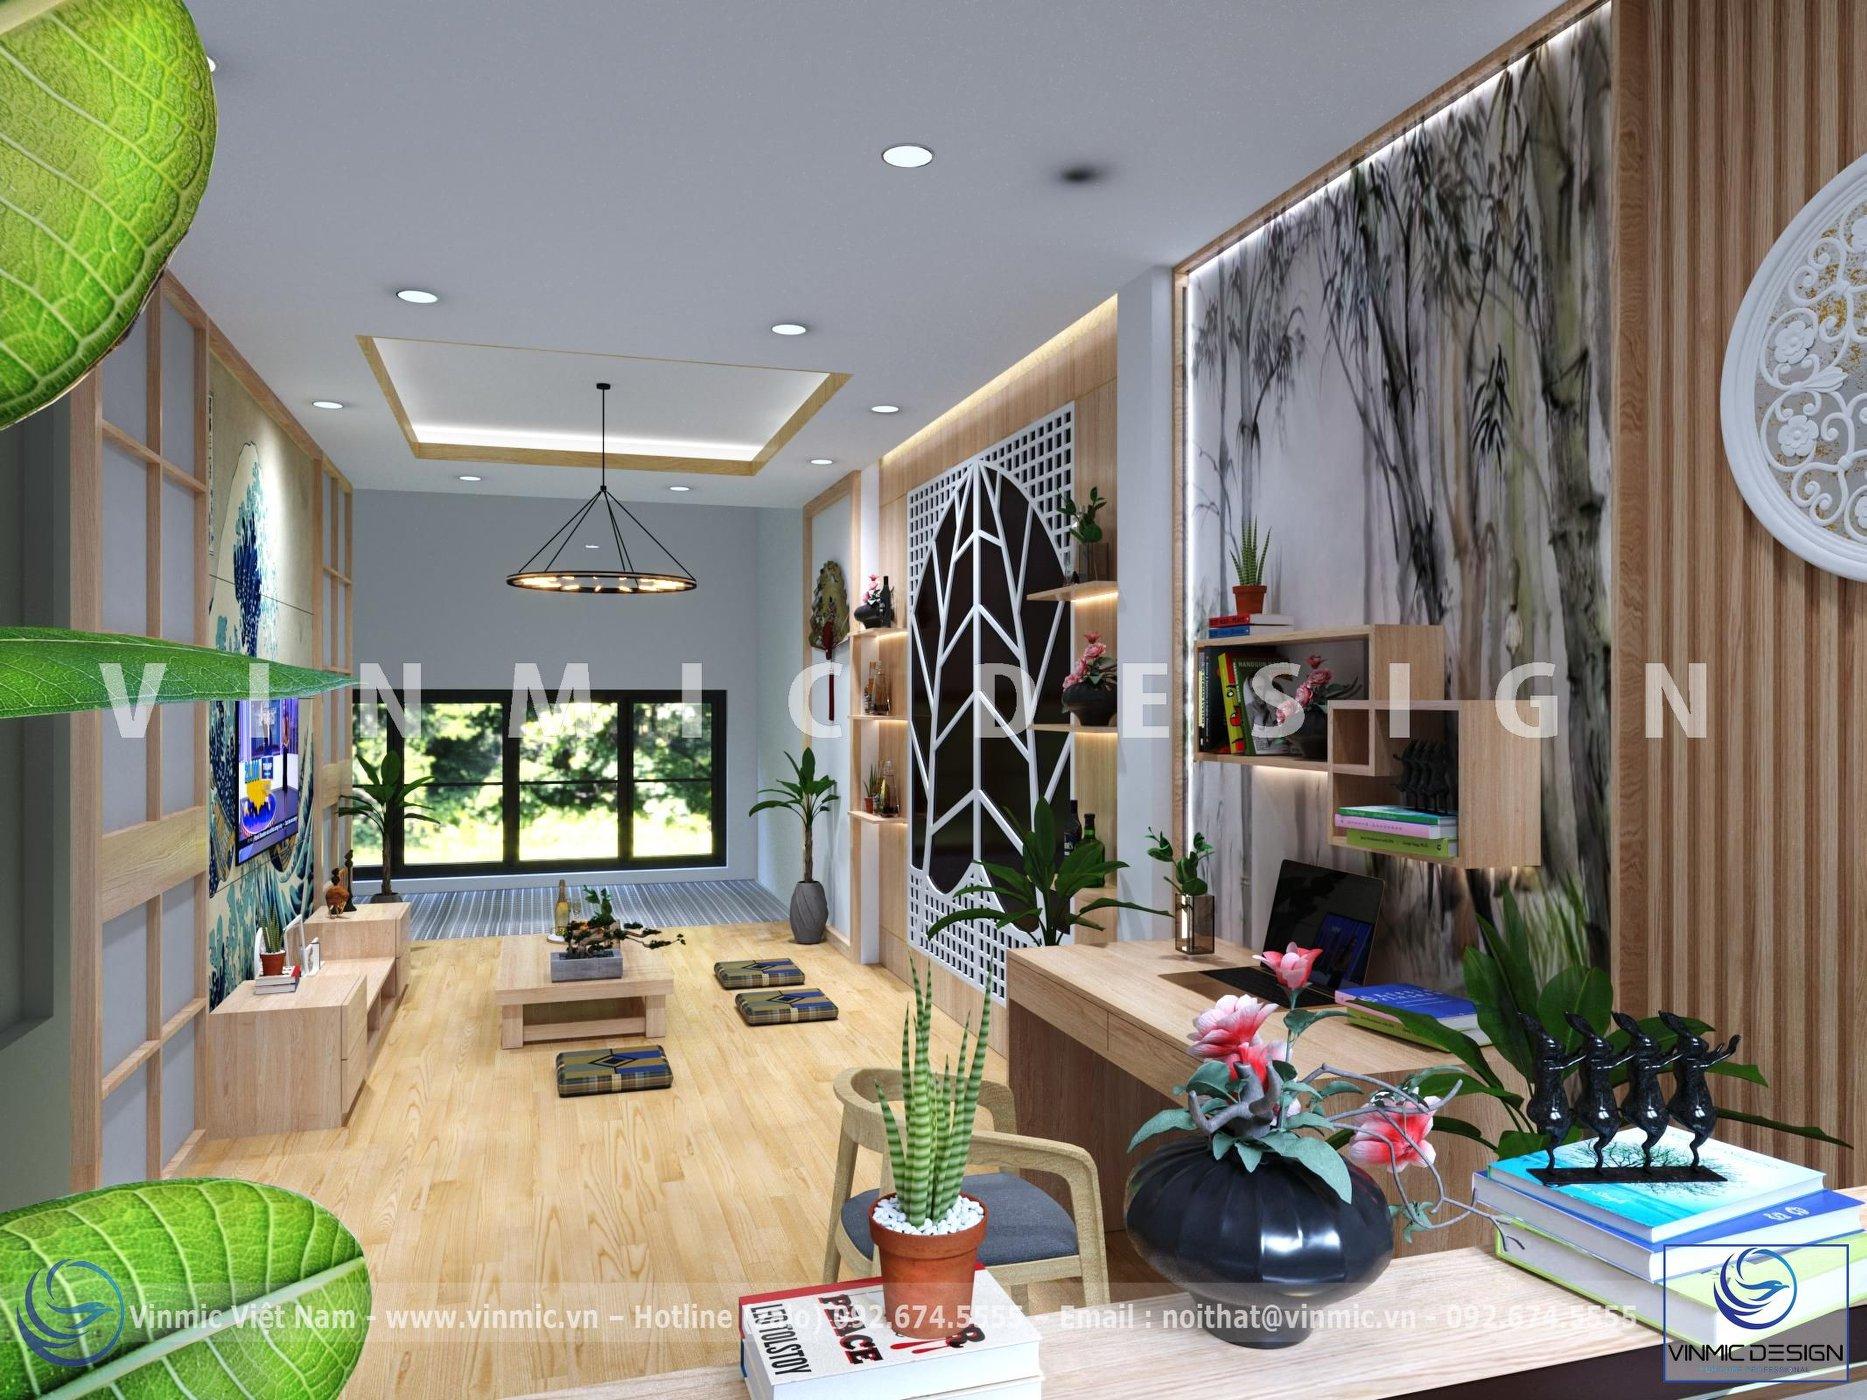 Thiết kế nội thất phòng khách theo phong cách Nhật Bản tại căn hộ Chị Huyền - Đông Anh